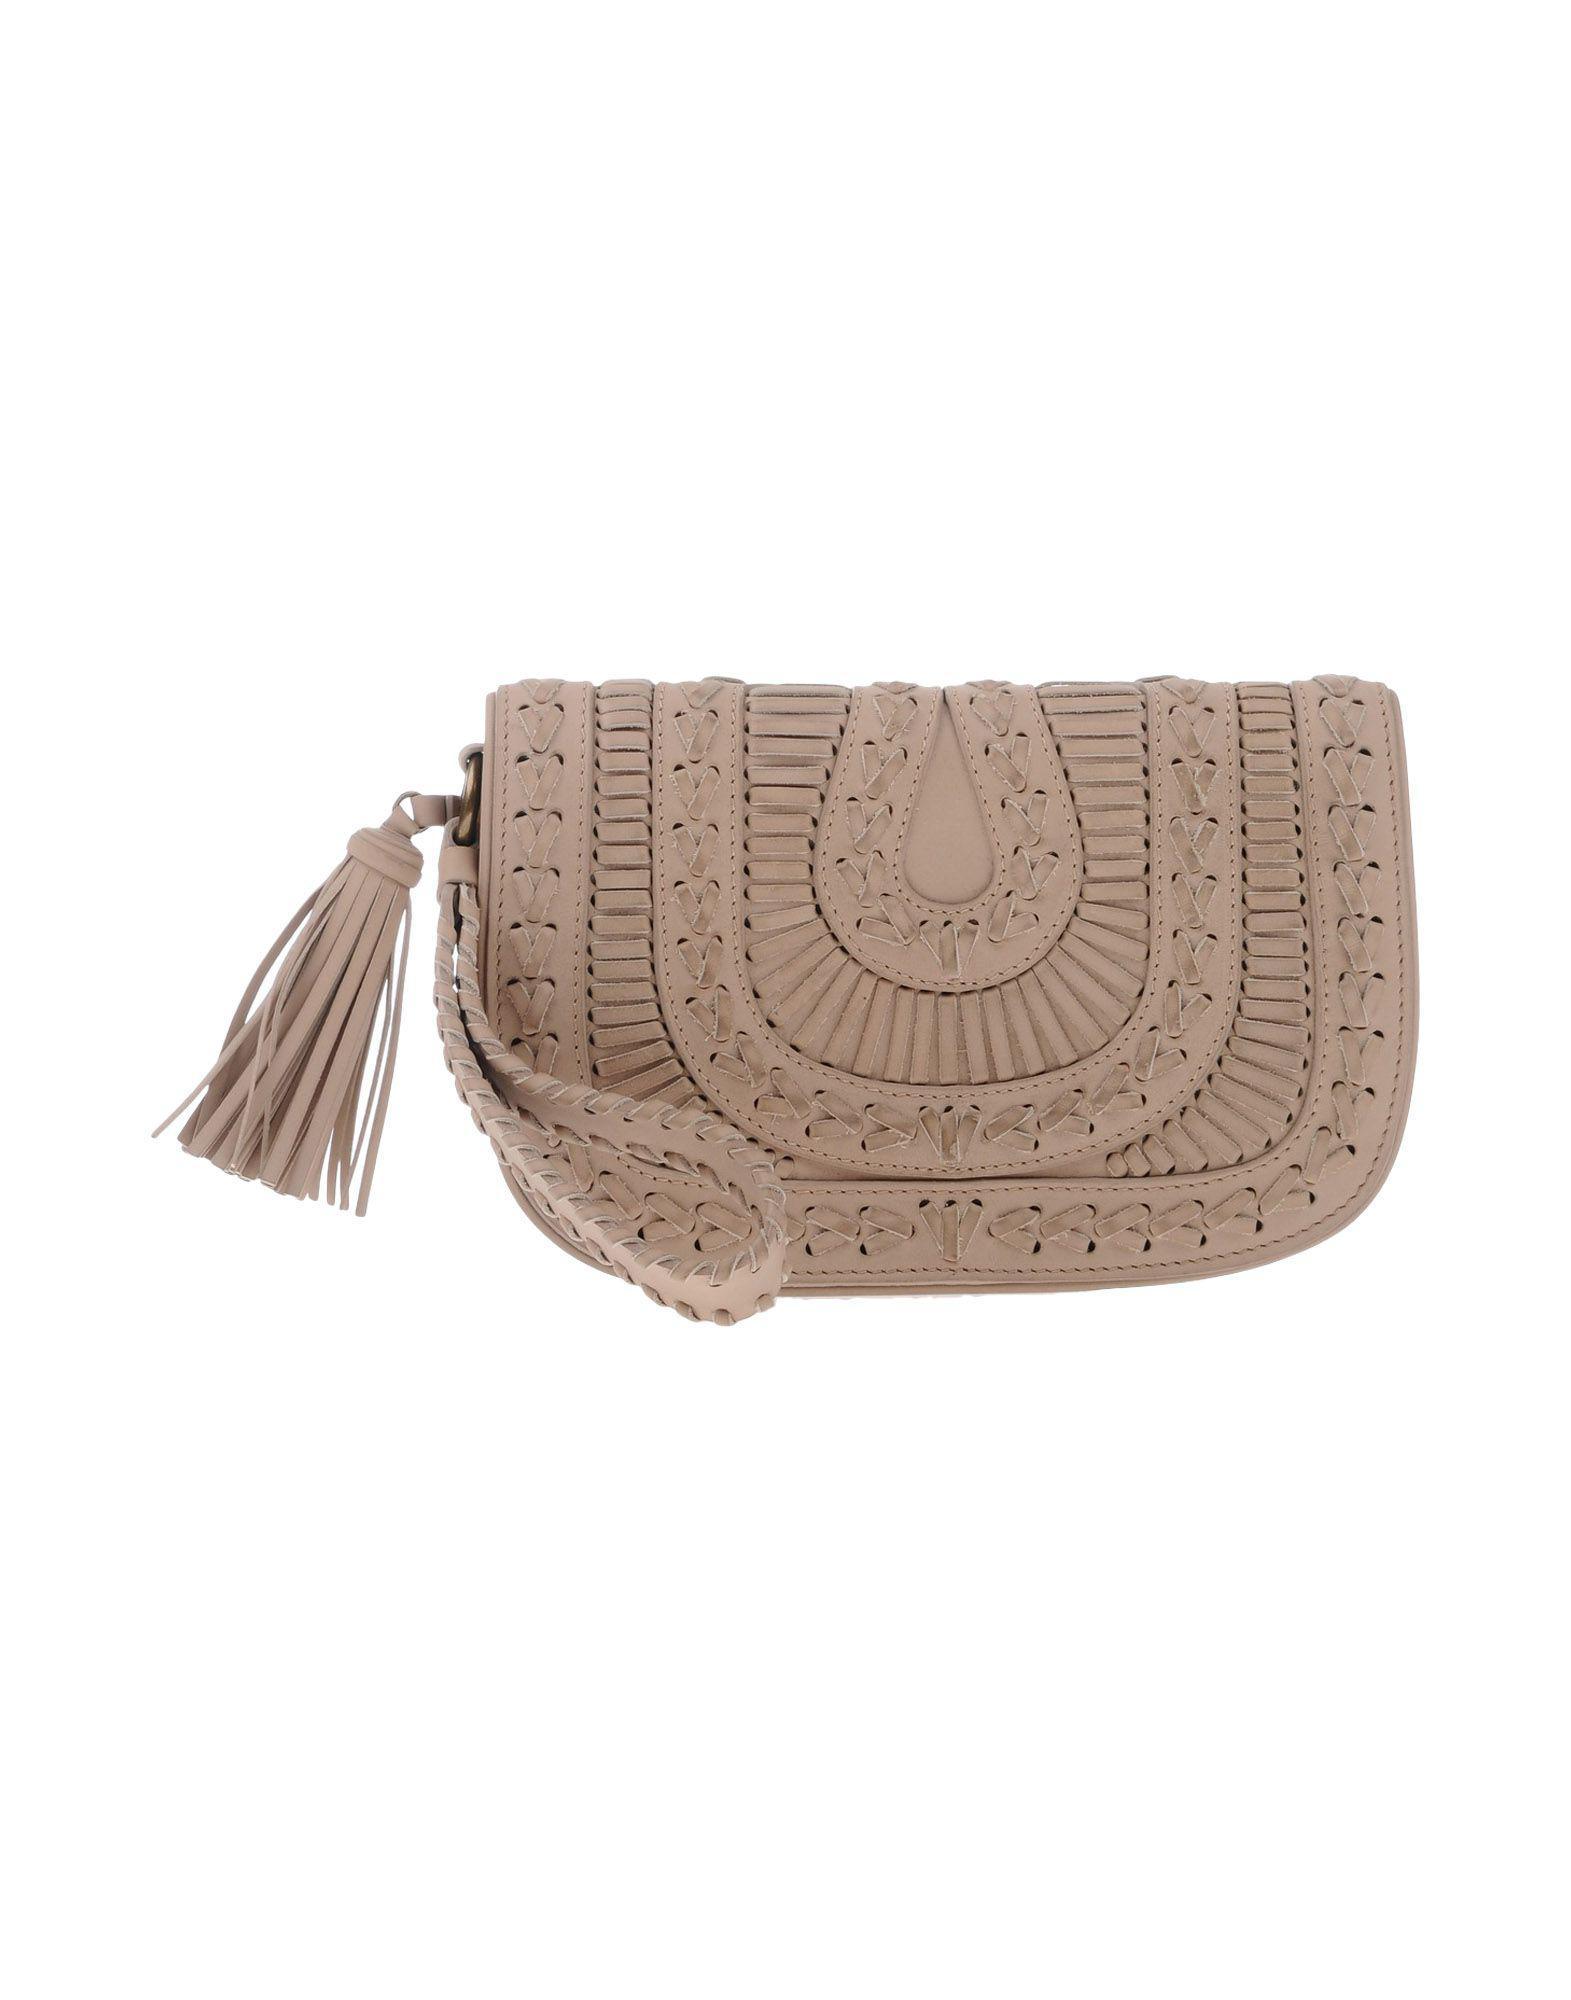 2edff66757e ... new arrival 1bd3c f0bb7 ... alberta ferretti handbags in natural lyst  ... newest 111ba f995f ... Reebonz United Arab Emirates.